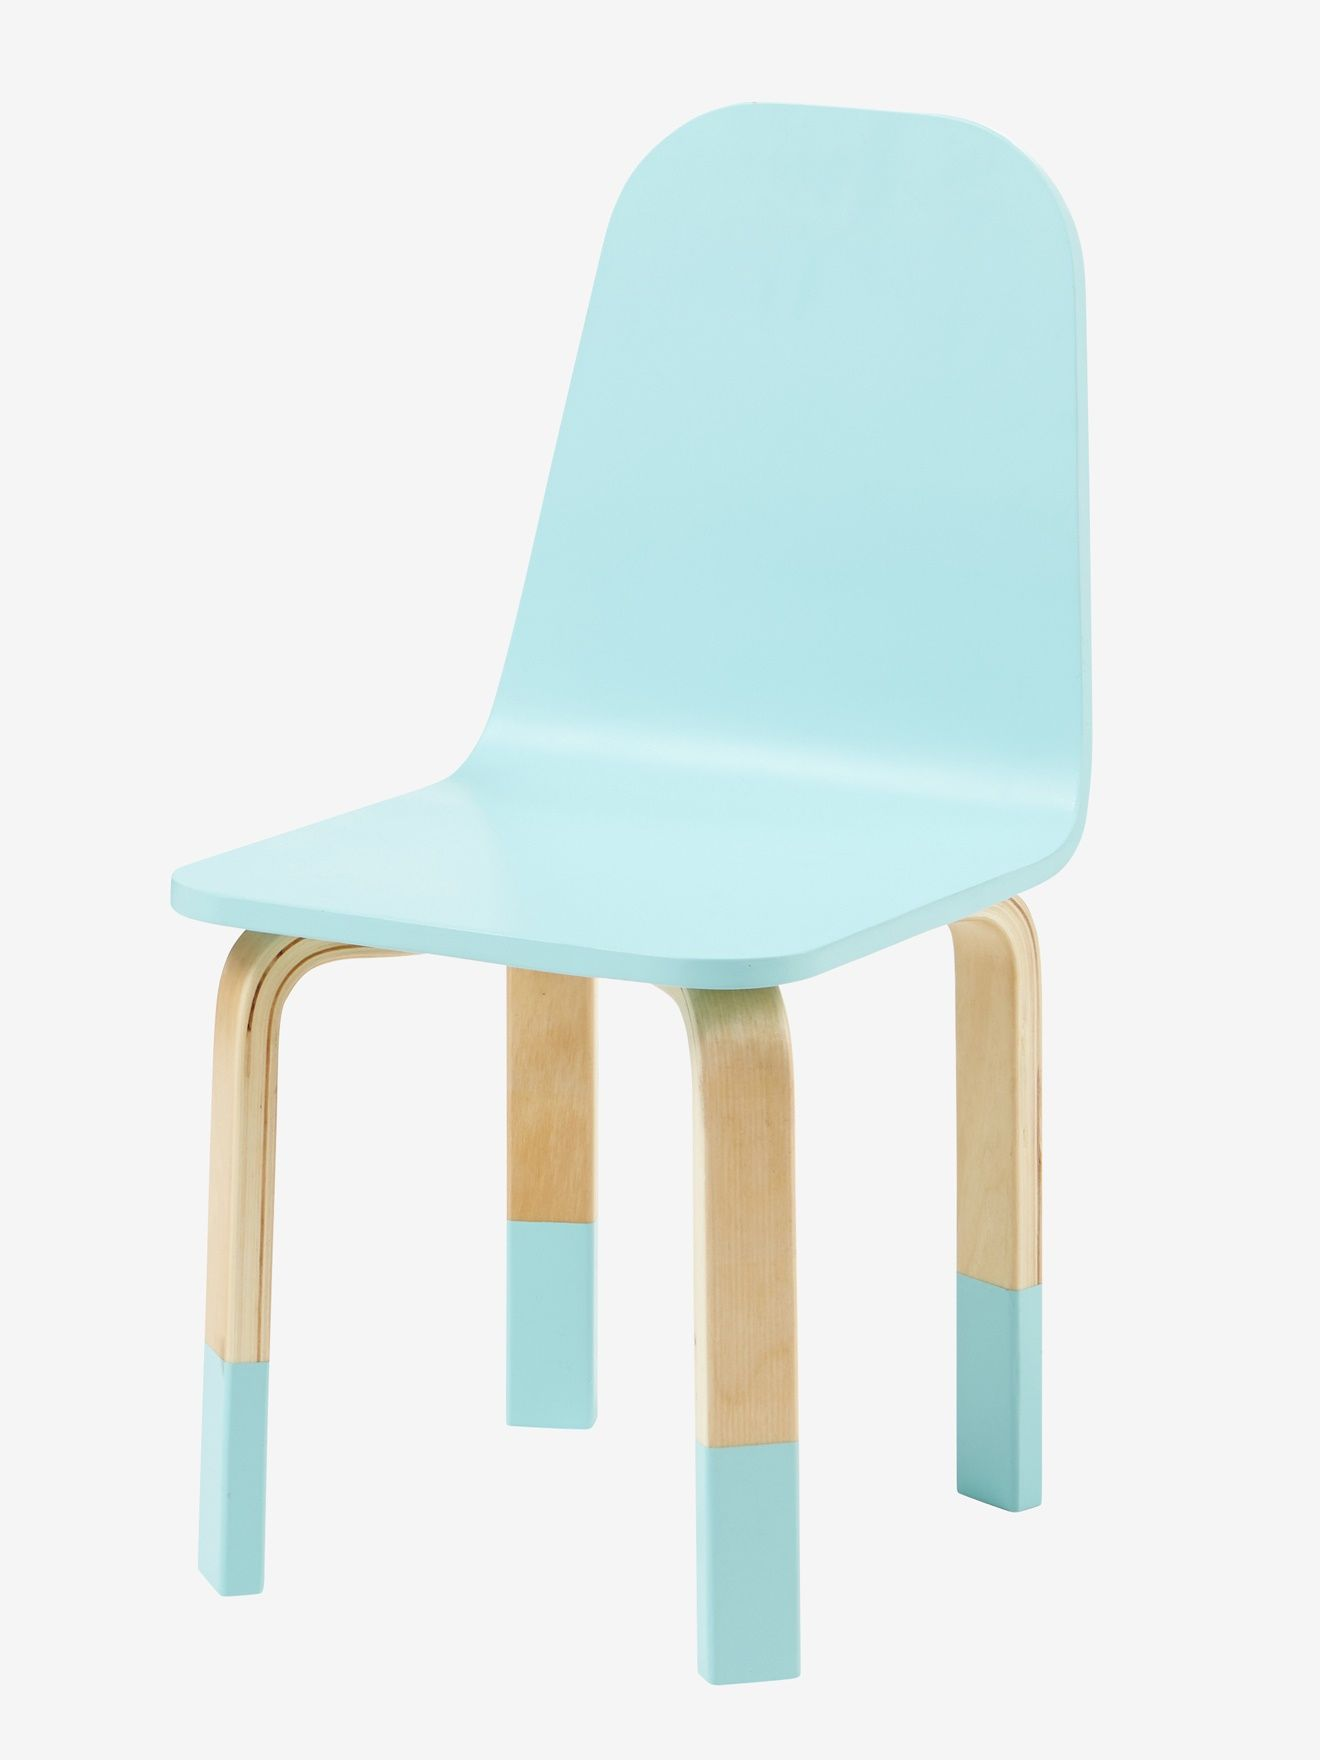 Chaise Pour Table De Jeu Play Bleu Bois Vertbaudet Solde A 38 Mobilier De Salon Table De Jeux Chaise Enfant